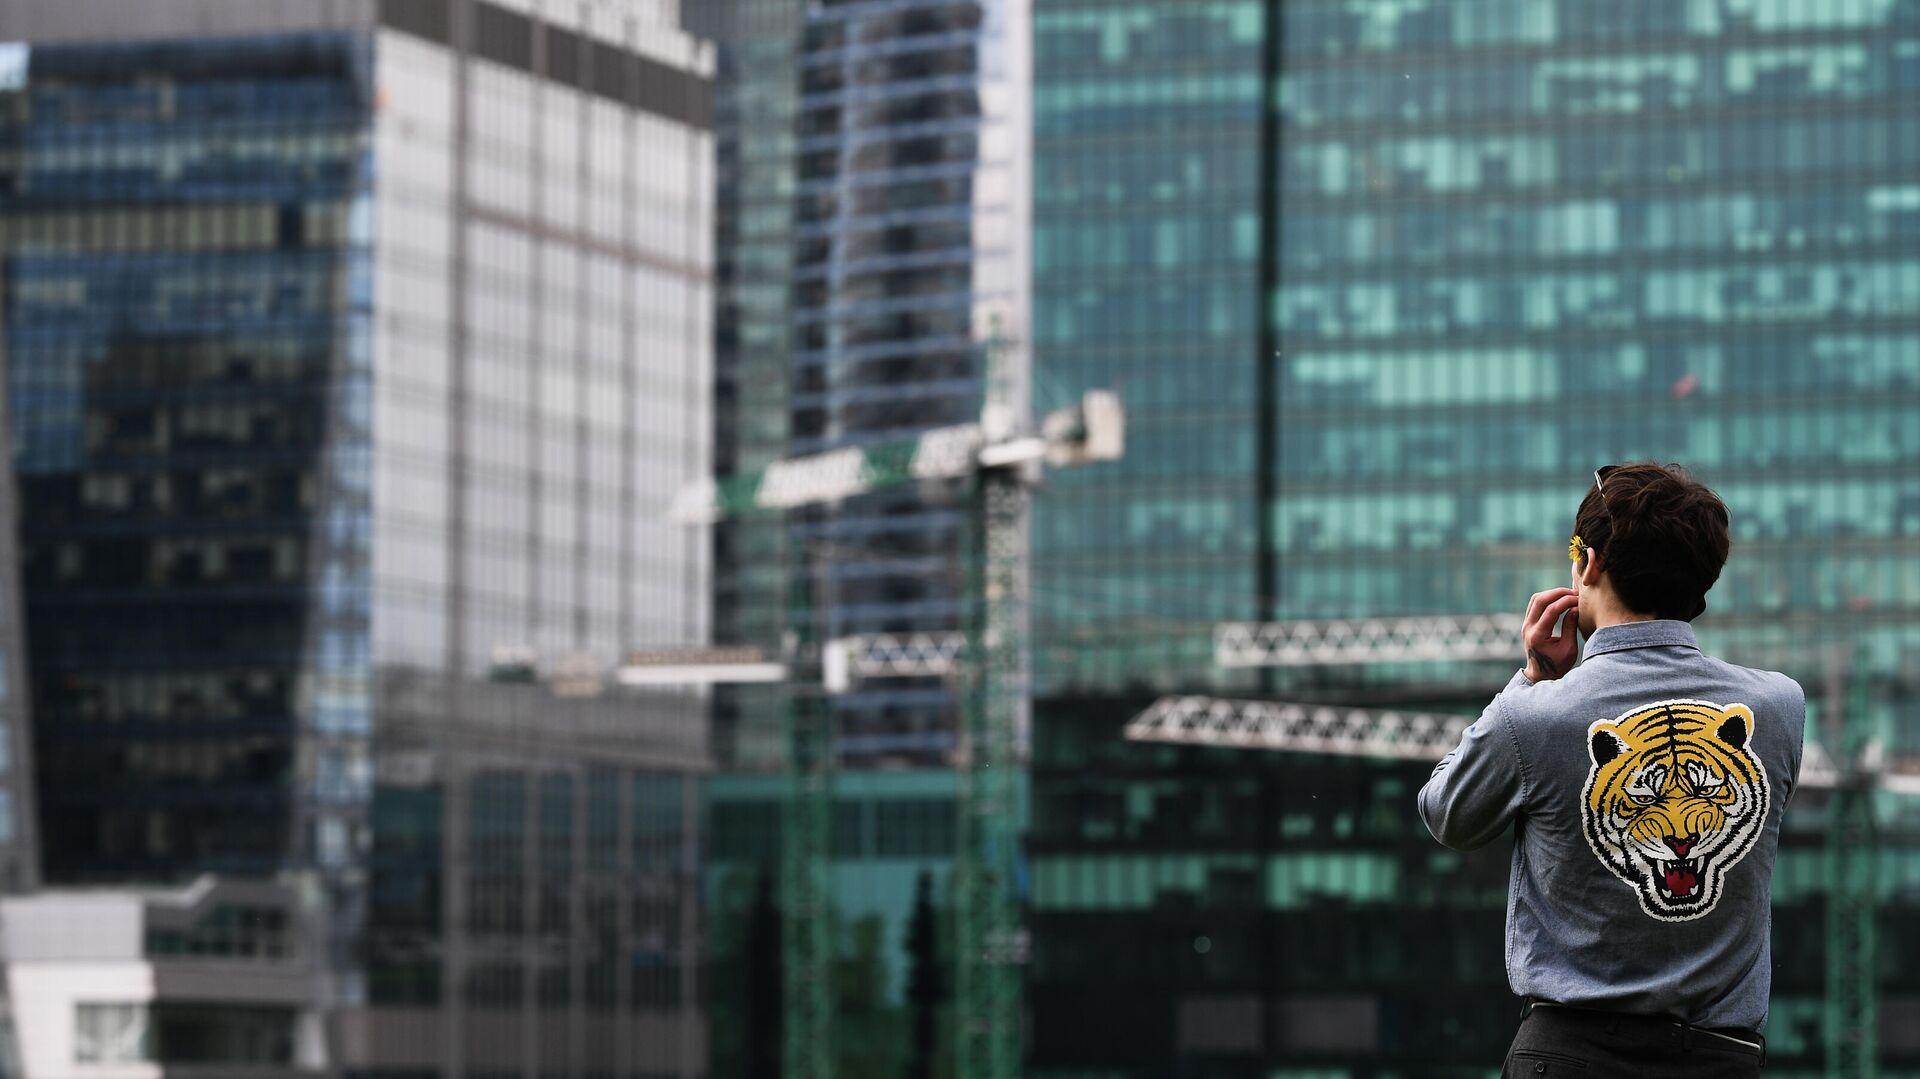 Молодой человек на набережной Тараса Шевченко в Москве - РИА Новости, 1920, 20.11.2020